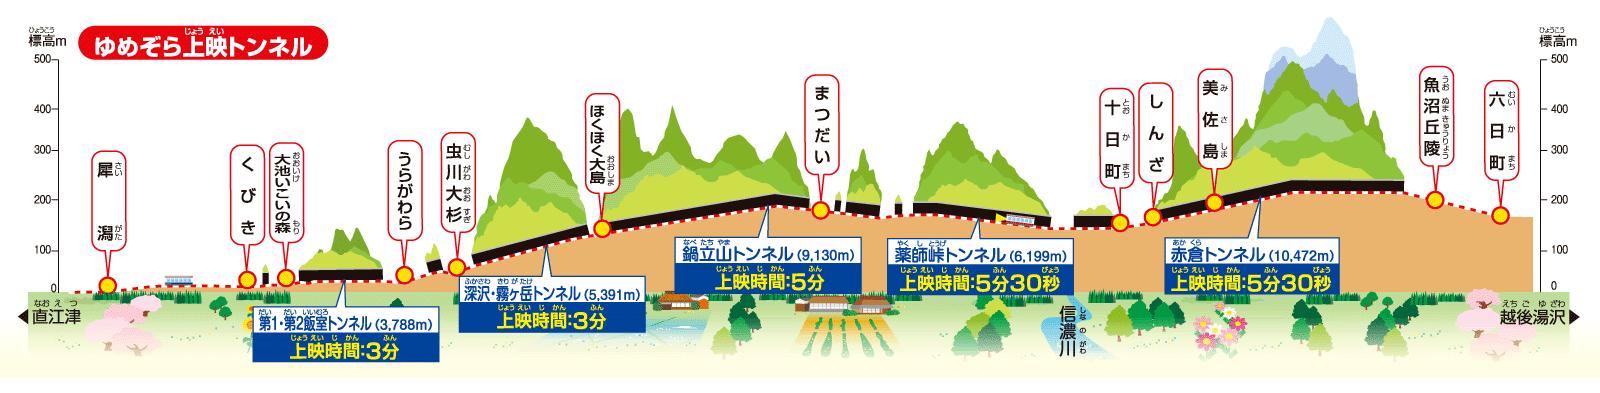 無人駅9駅のほくほく線 collection 864_a0046462_22123529.png